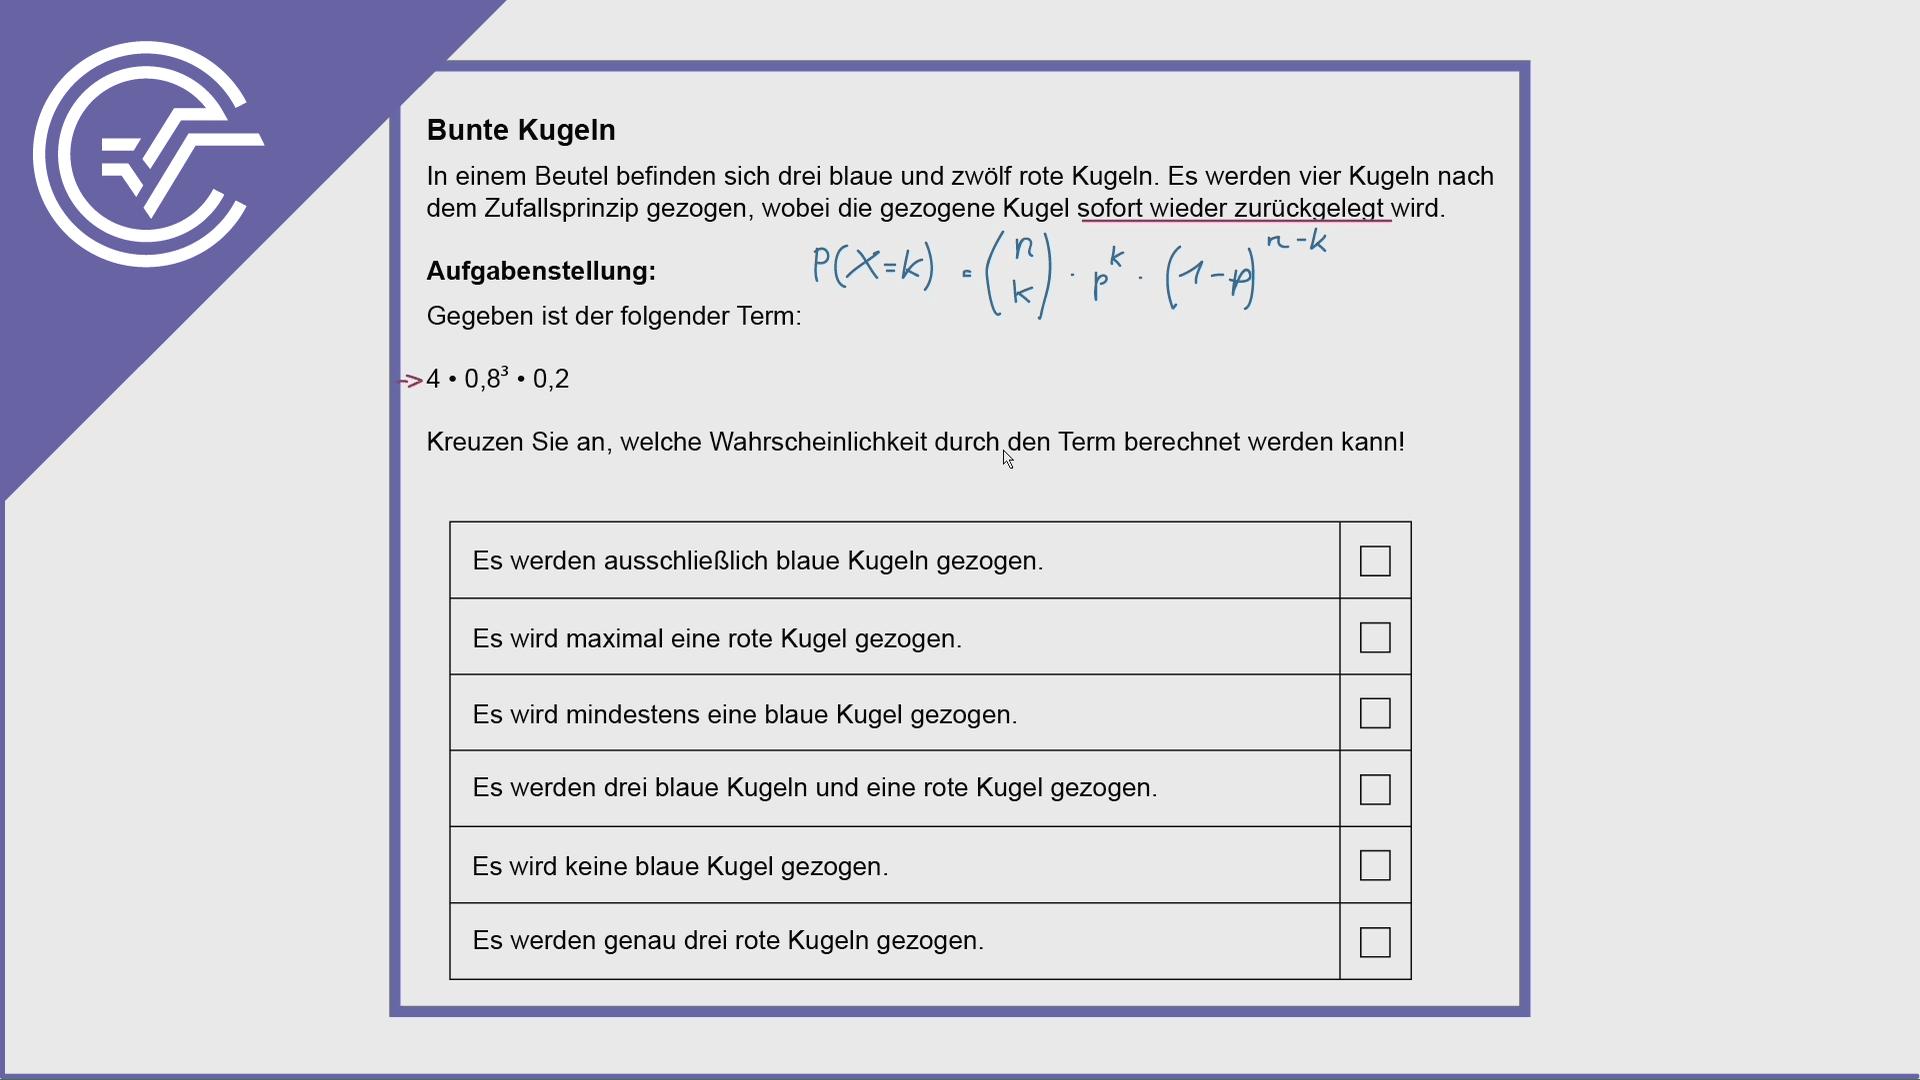 AHS Zentralmatura Aufgabe 23 - Binomialverteilung verstehen